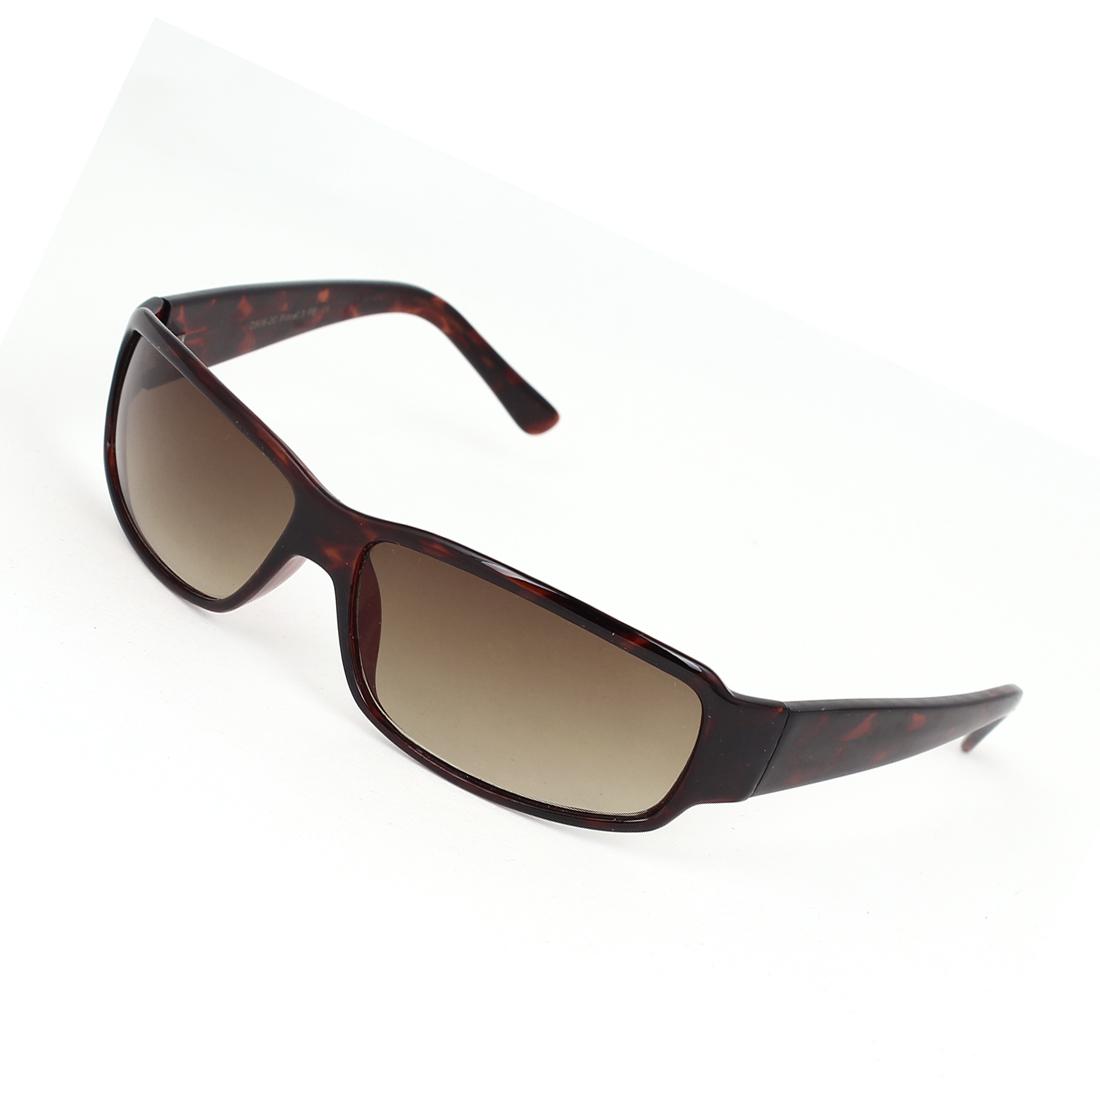 Women Plastic Full Rim Single Bridge Rectangle Lens Eyes Sunglasses